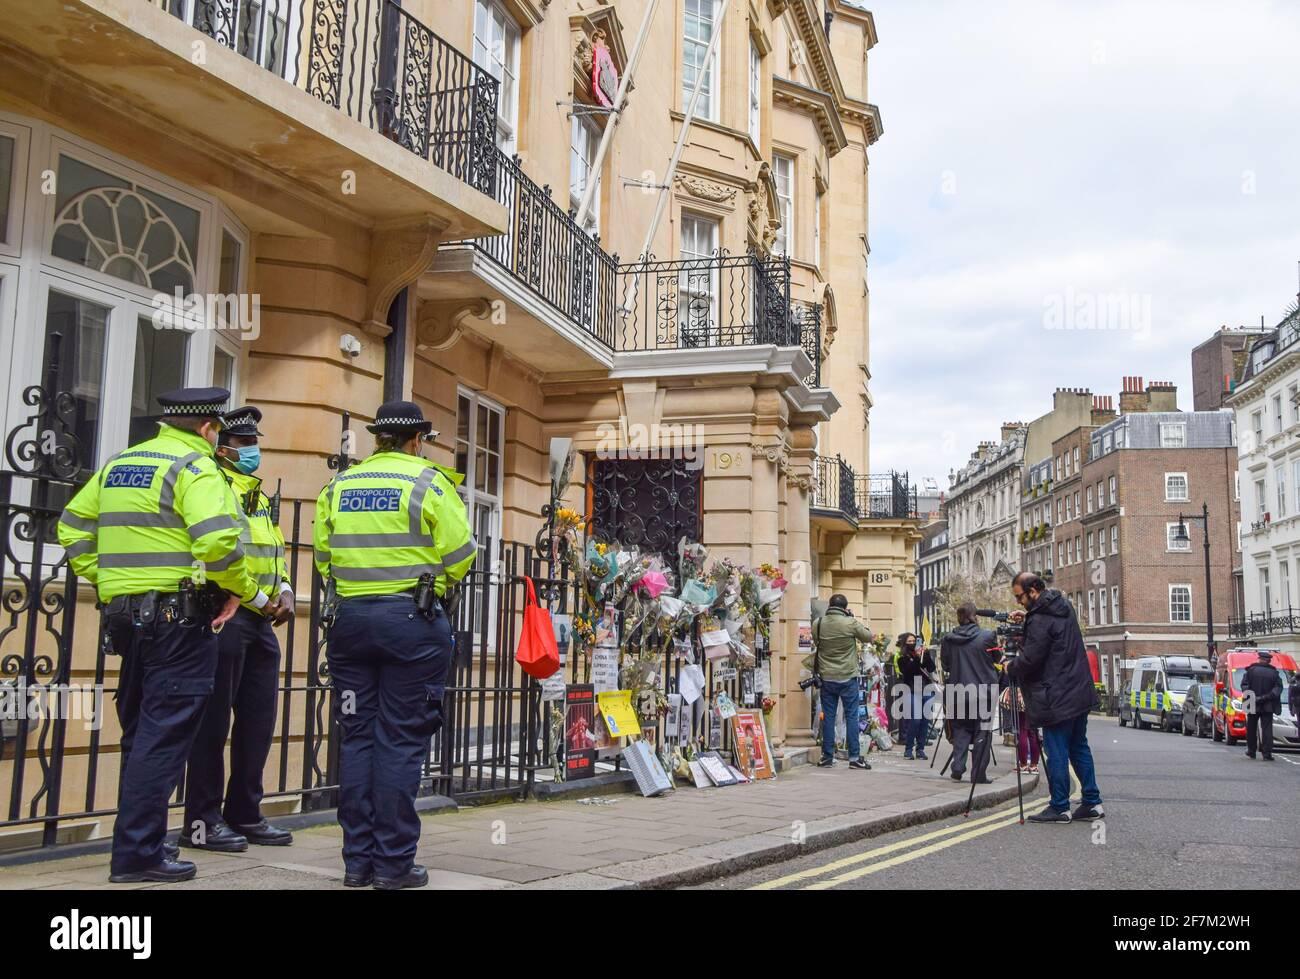 Londres, Royaume-Uni. 8 avril 2021. Garde de garde à l'extérieur de l'ambassade du Myanmar à Mayfair. L'ambassadeur du Myanmar au Royaume-Uni, Kyaw Zwar Minn, a été enfermé de l'ambassade, qu'il a décrit comme un « coup d'État ». Credit: Vuk Valcic/Alamy Live News Banque D'Images